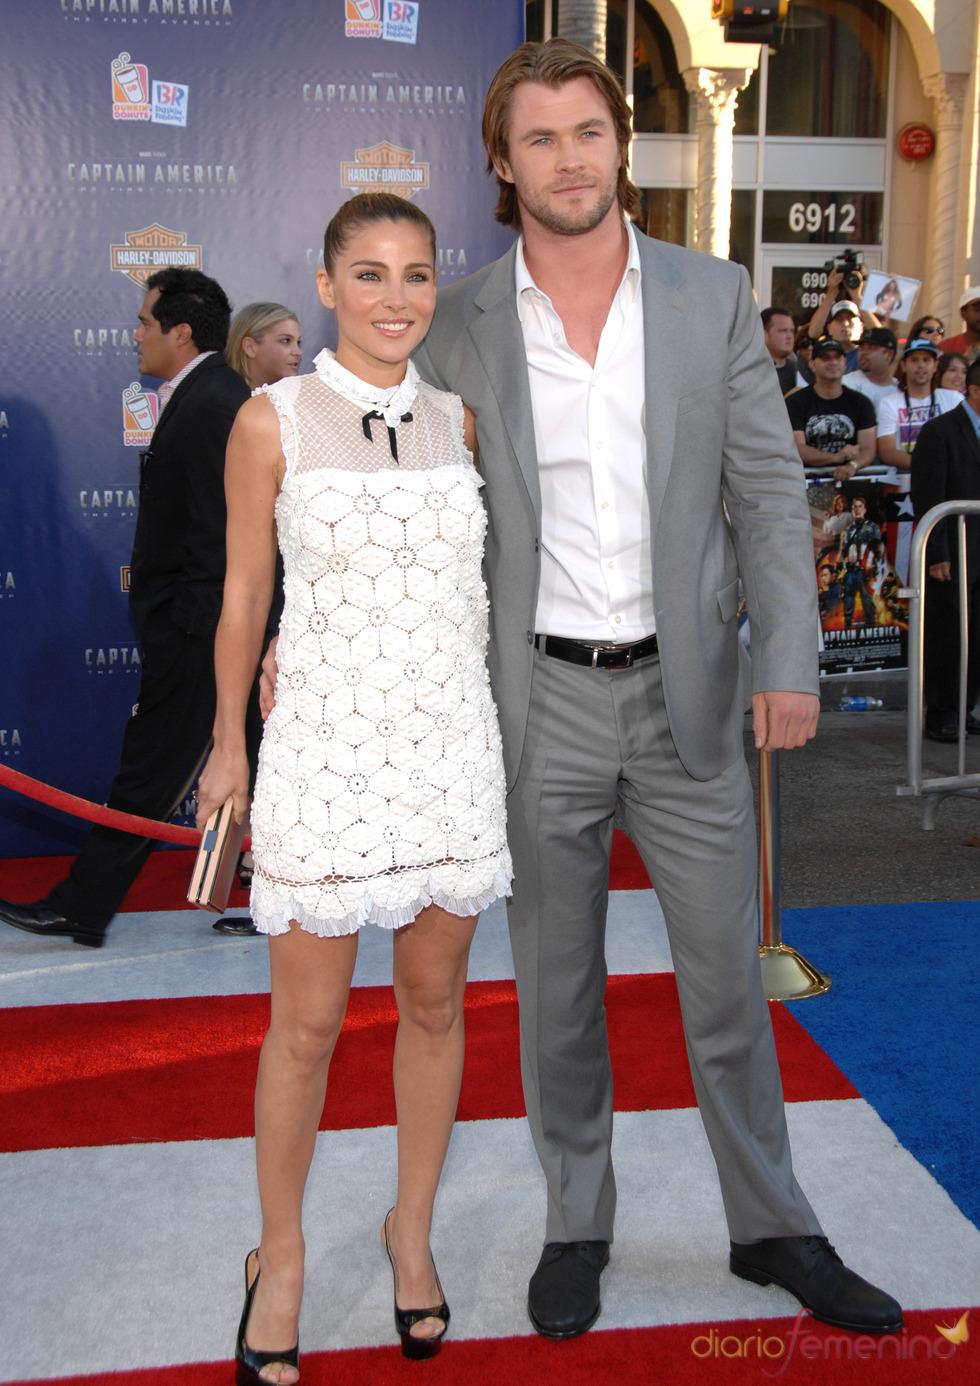 Chris Hemsworth y Elsa Pataky en el estreno de 'Capitán América: el primer vengador' en Los Ángeles